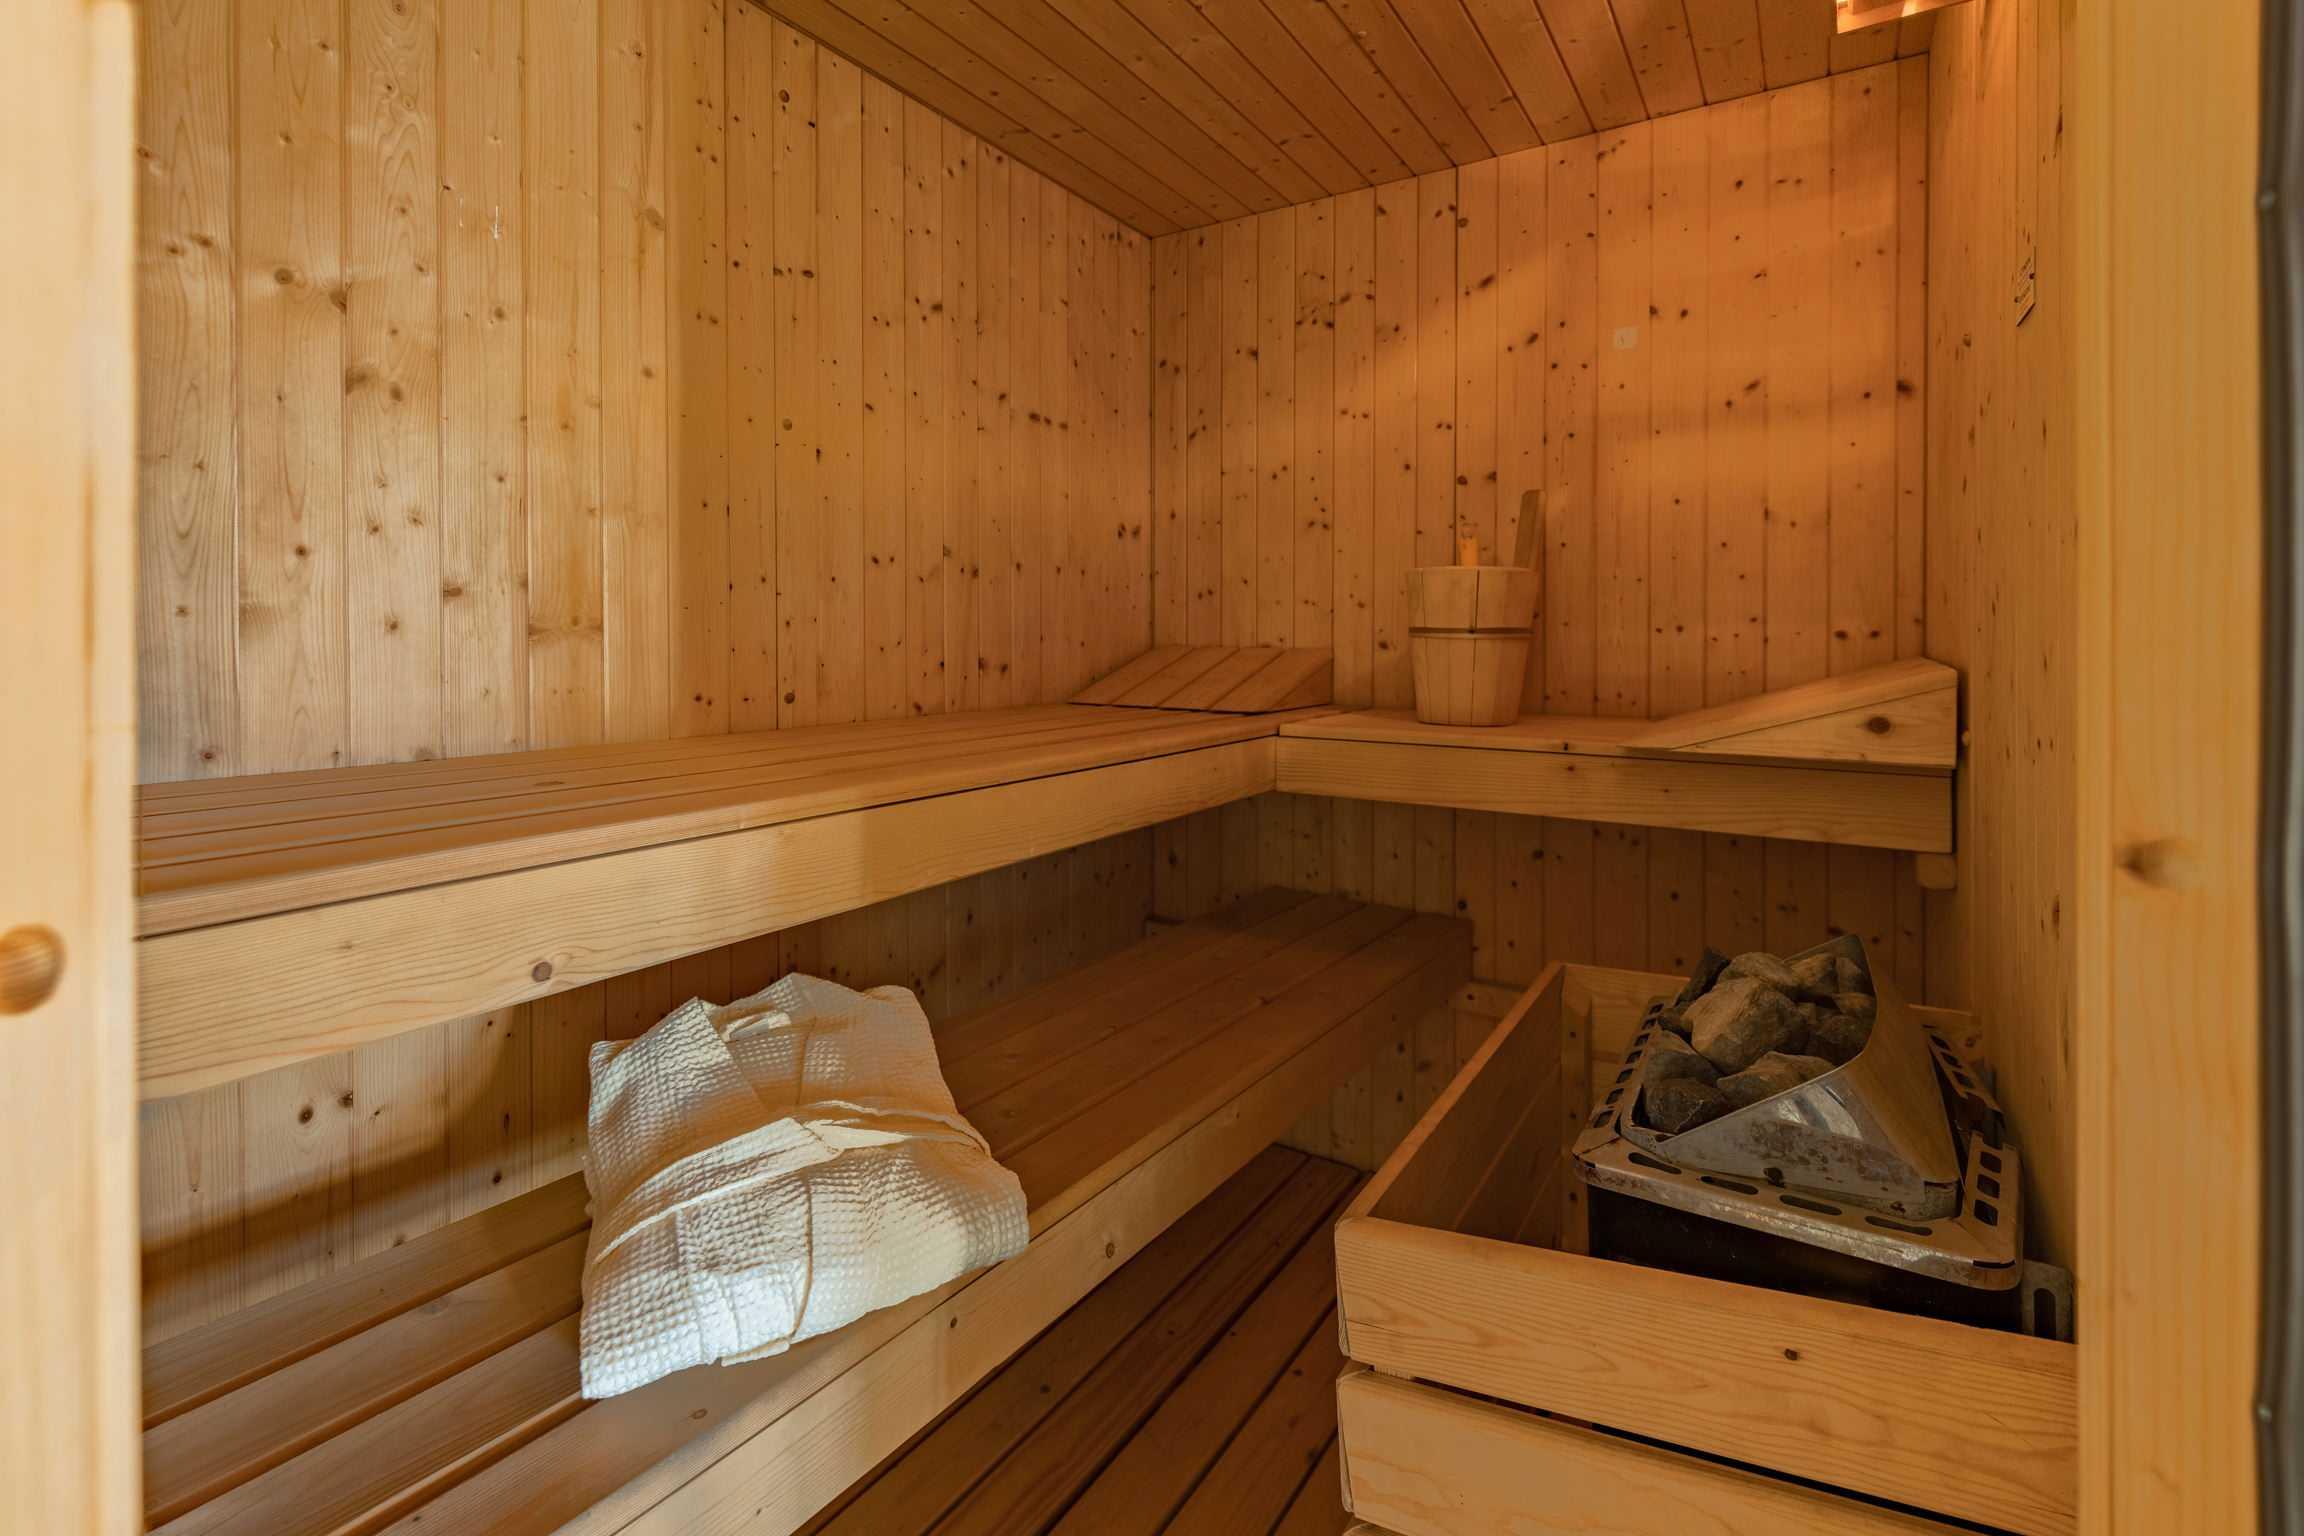 Villa de' Michelangioli sauna